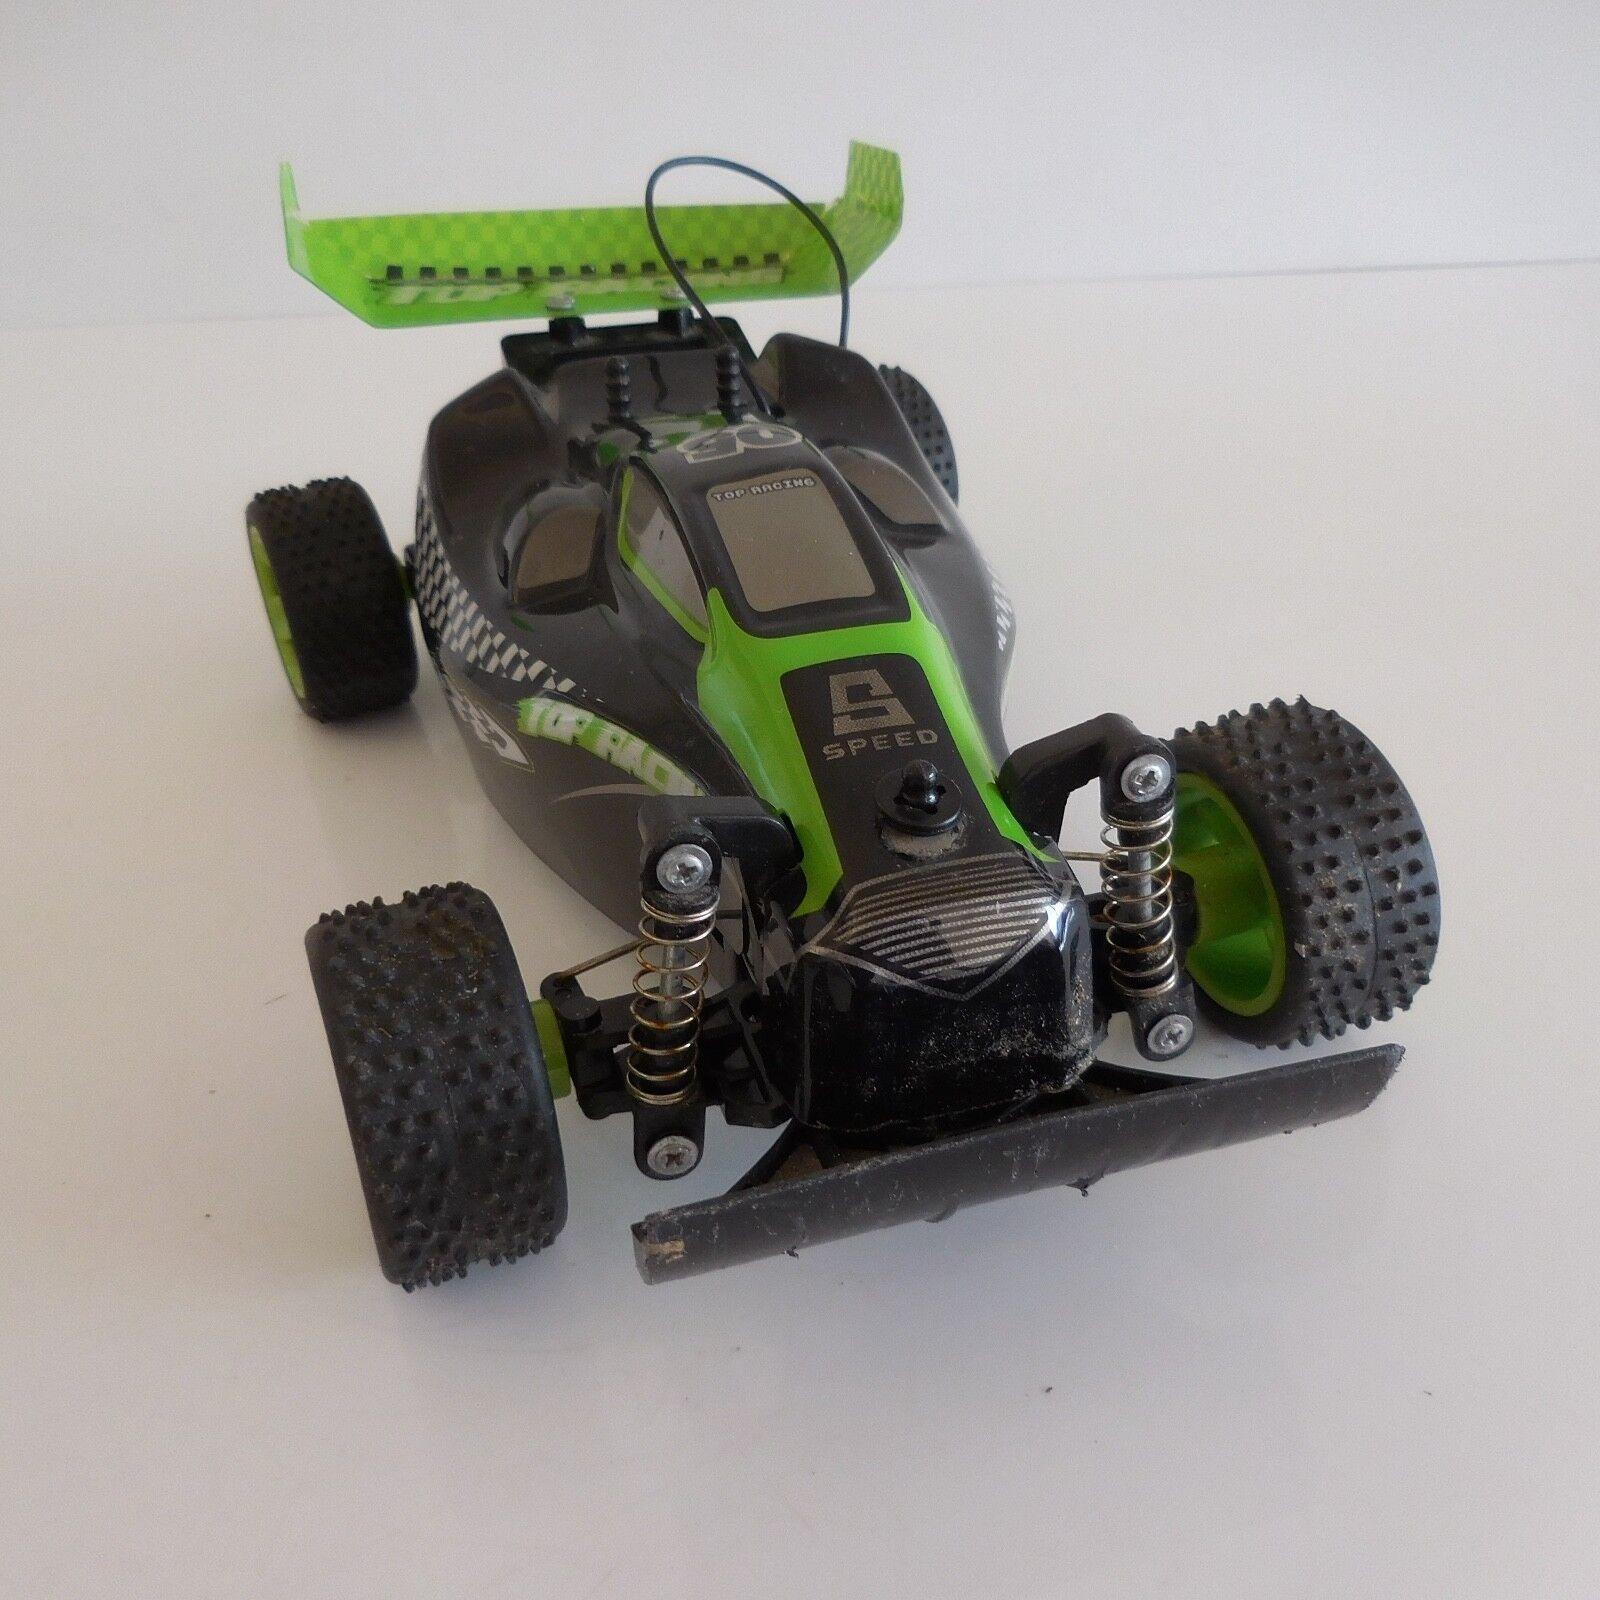 Coche Car Miniatura Re.el Toys Italia Mando Control Remoto Eléctrico